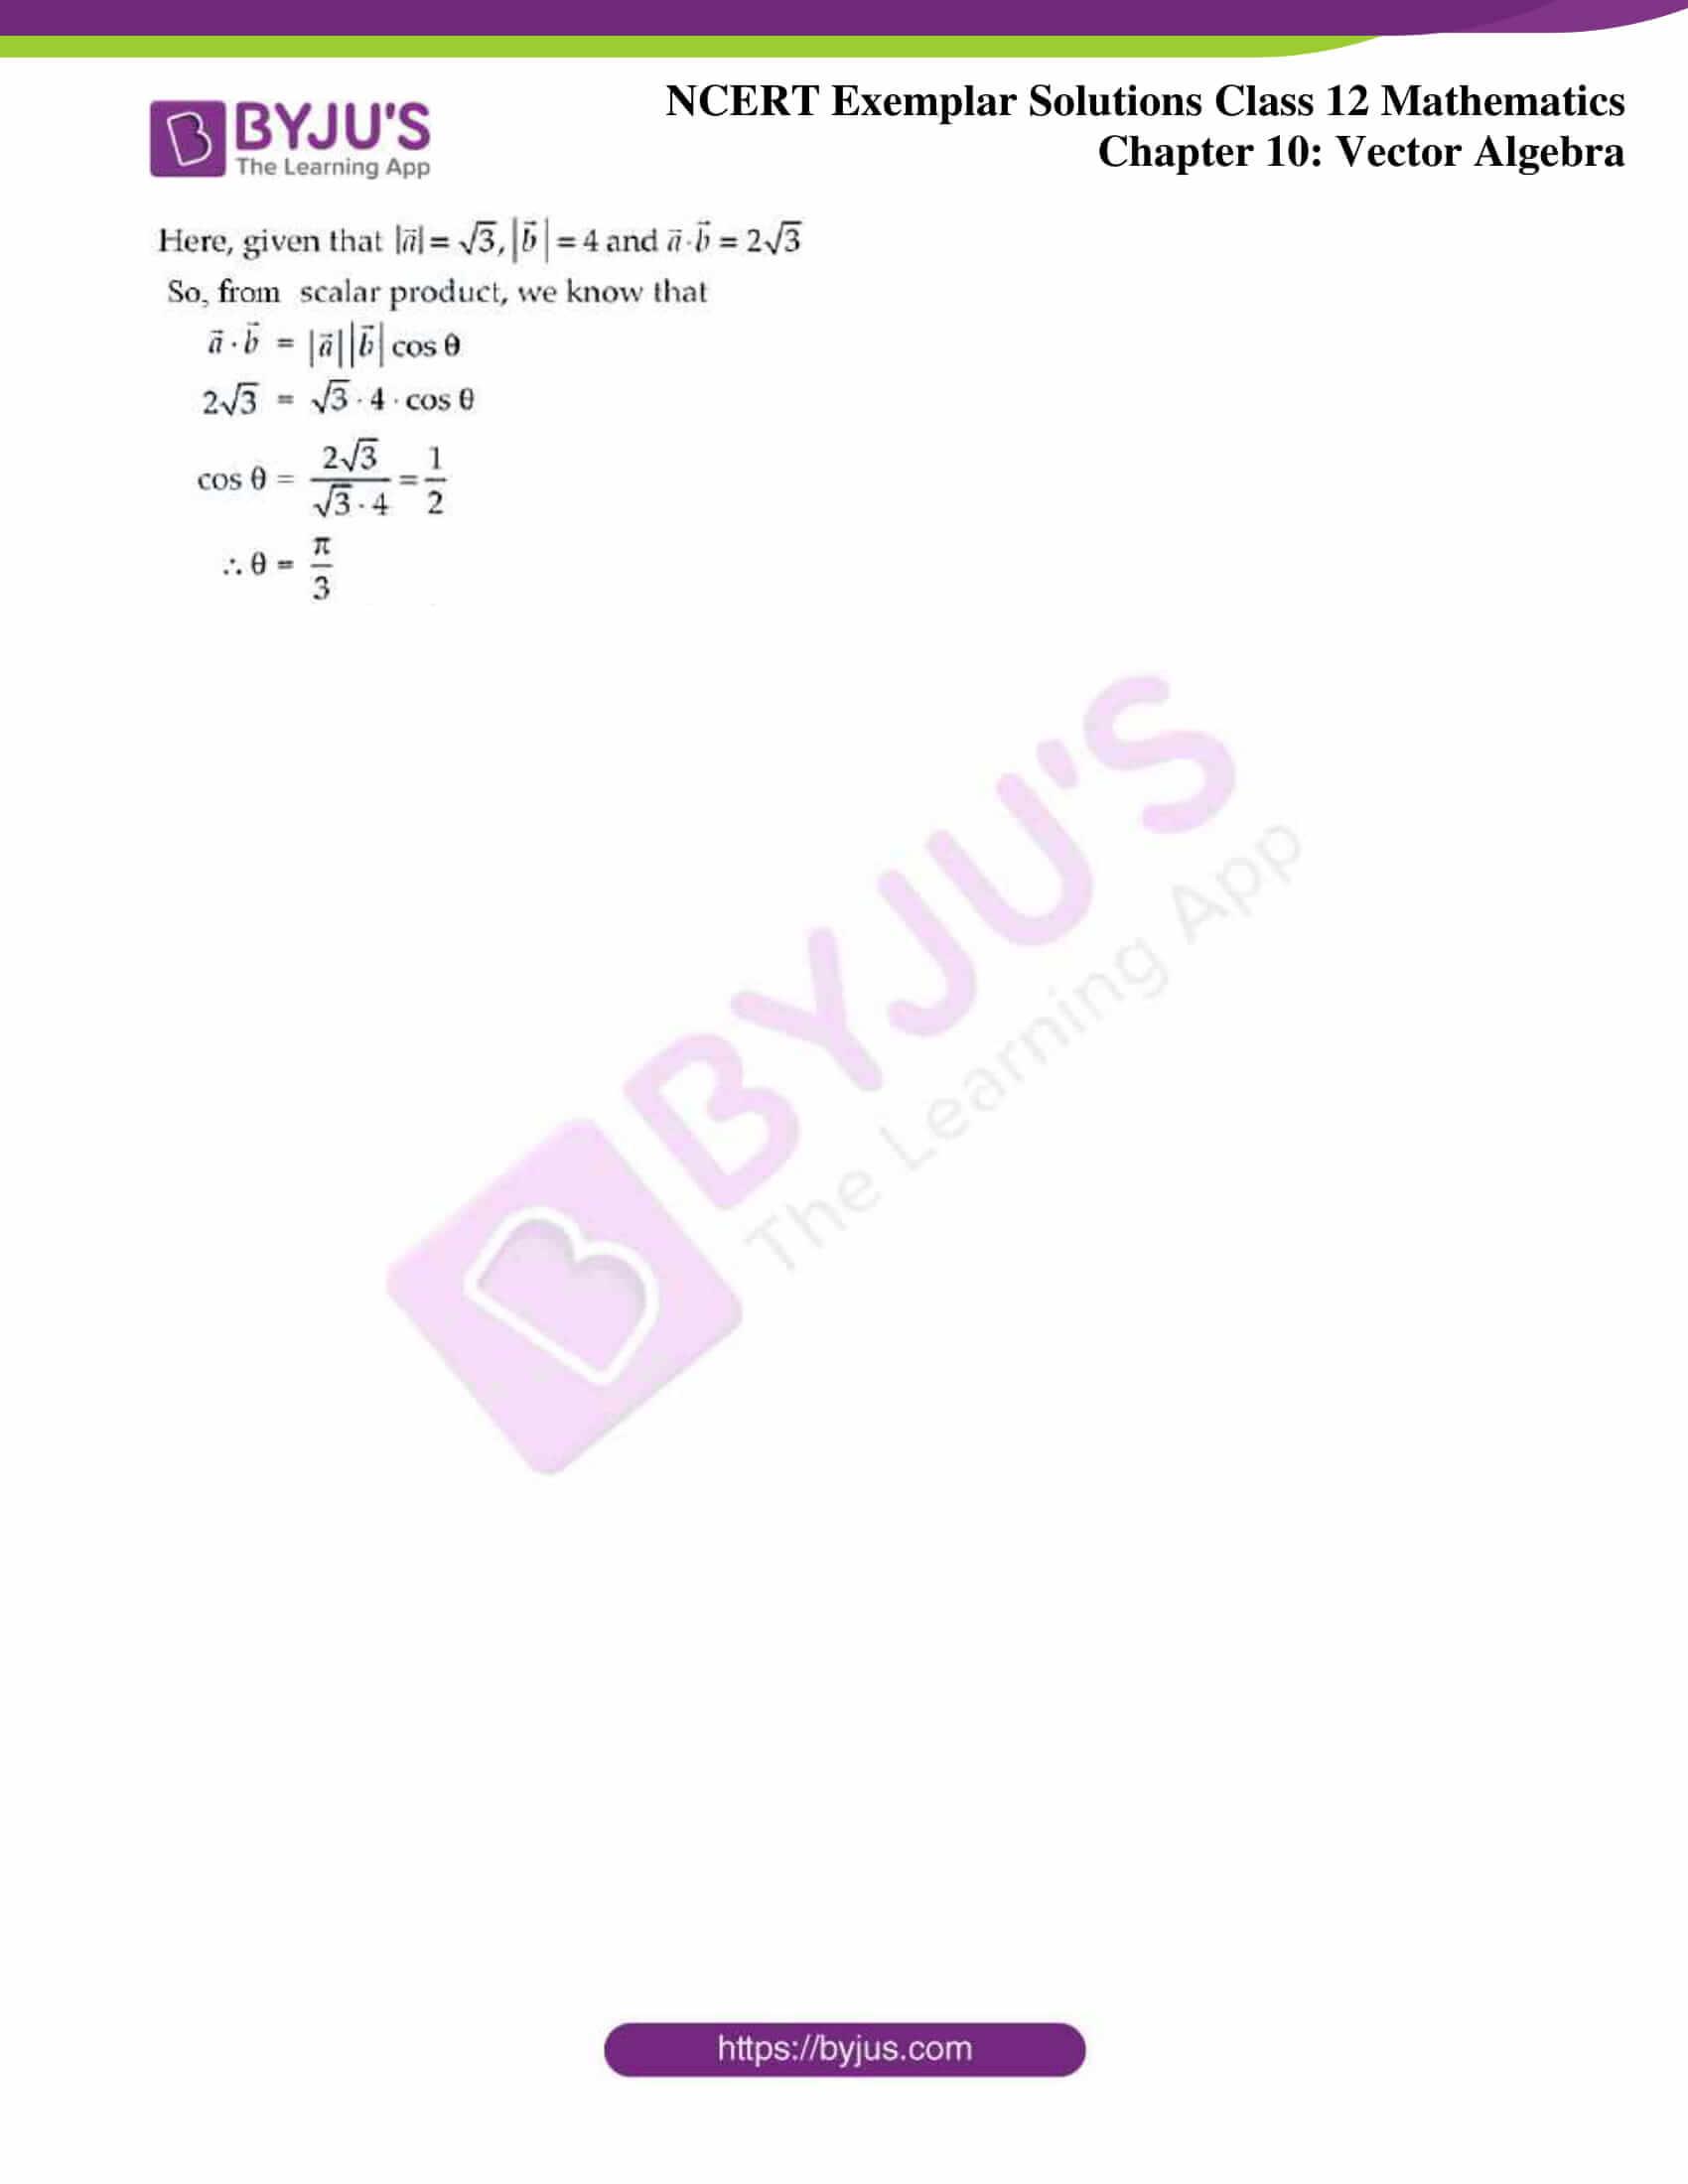 ncert exemplar sol class 12 mathematics ch 10 13